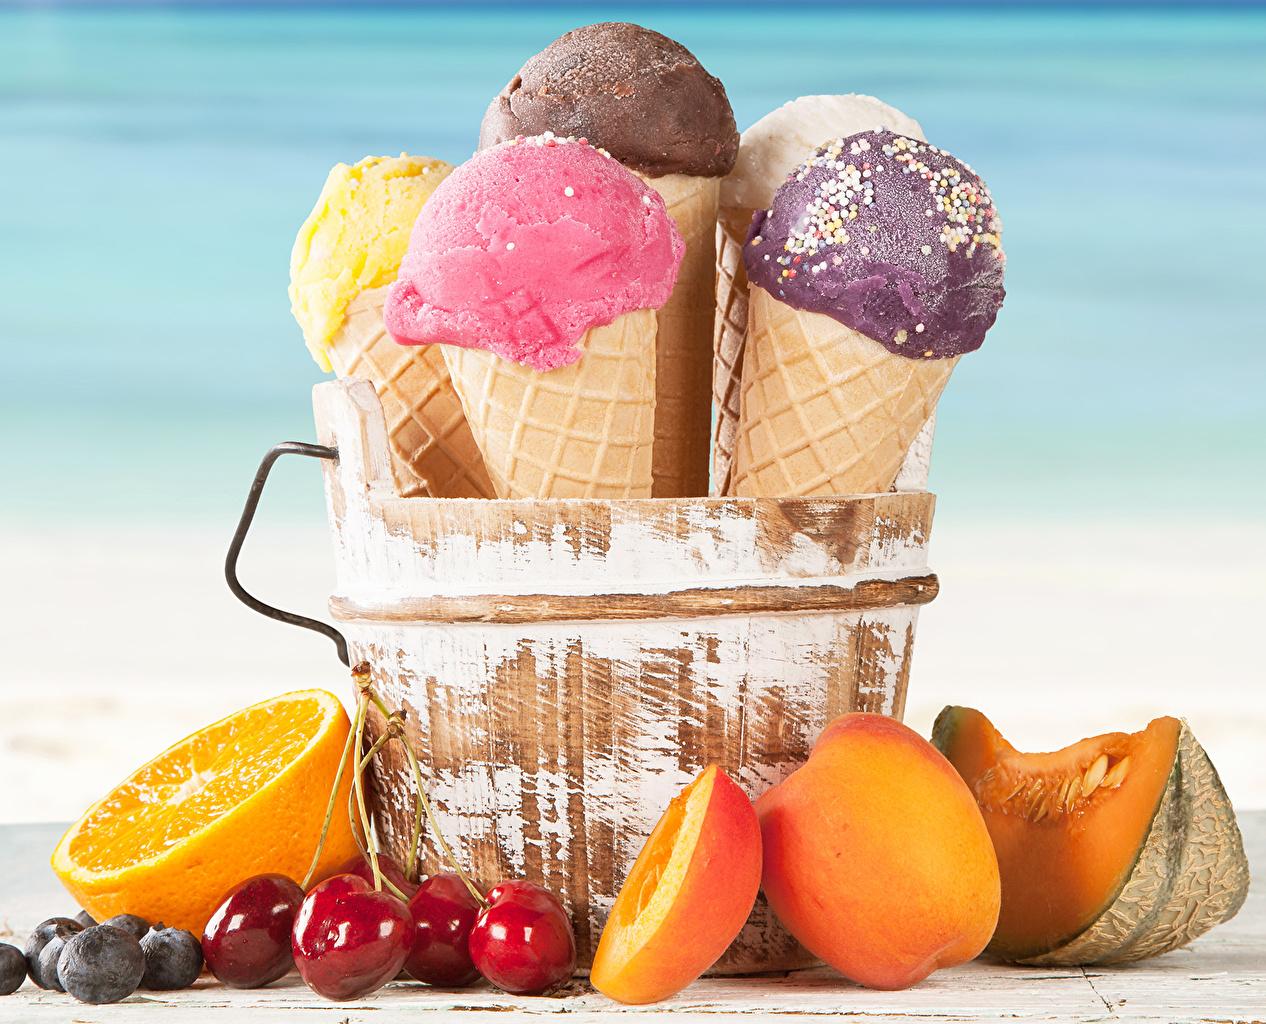 Фотографии Апельсин Мороженое Вишня Персики Пища Сладости Черешня Еда Продукты питания сладкая еда